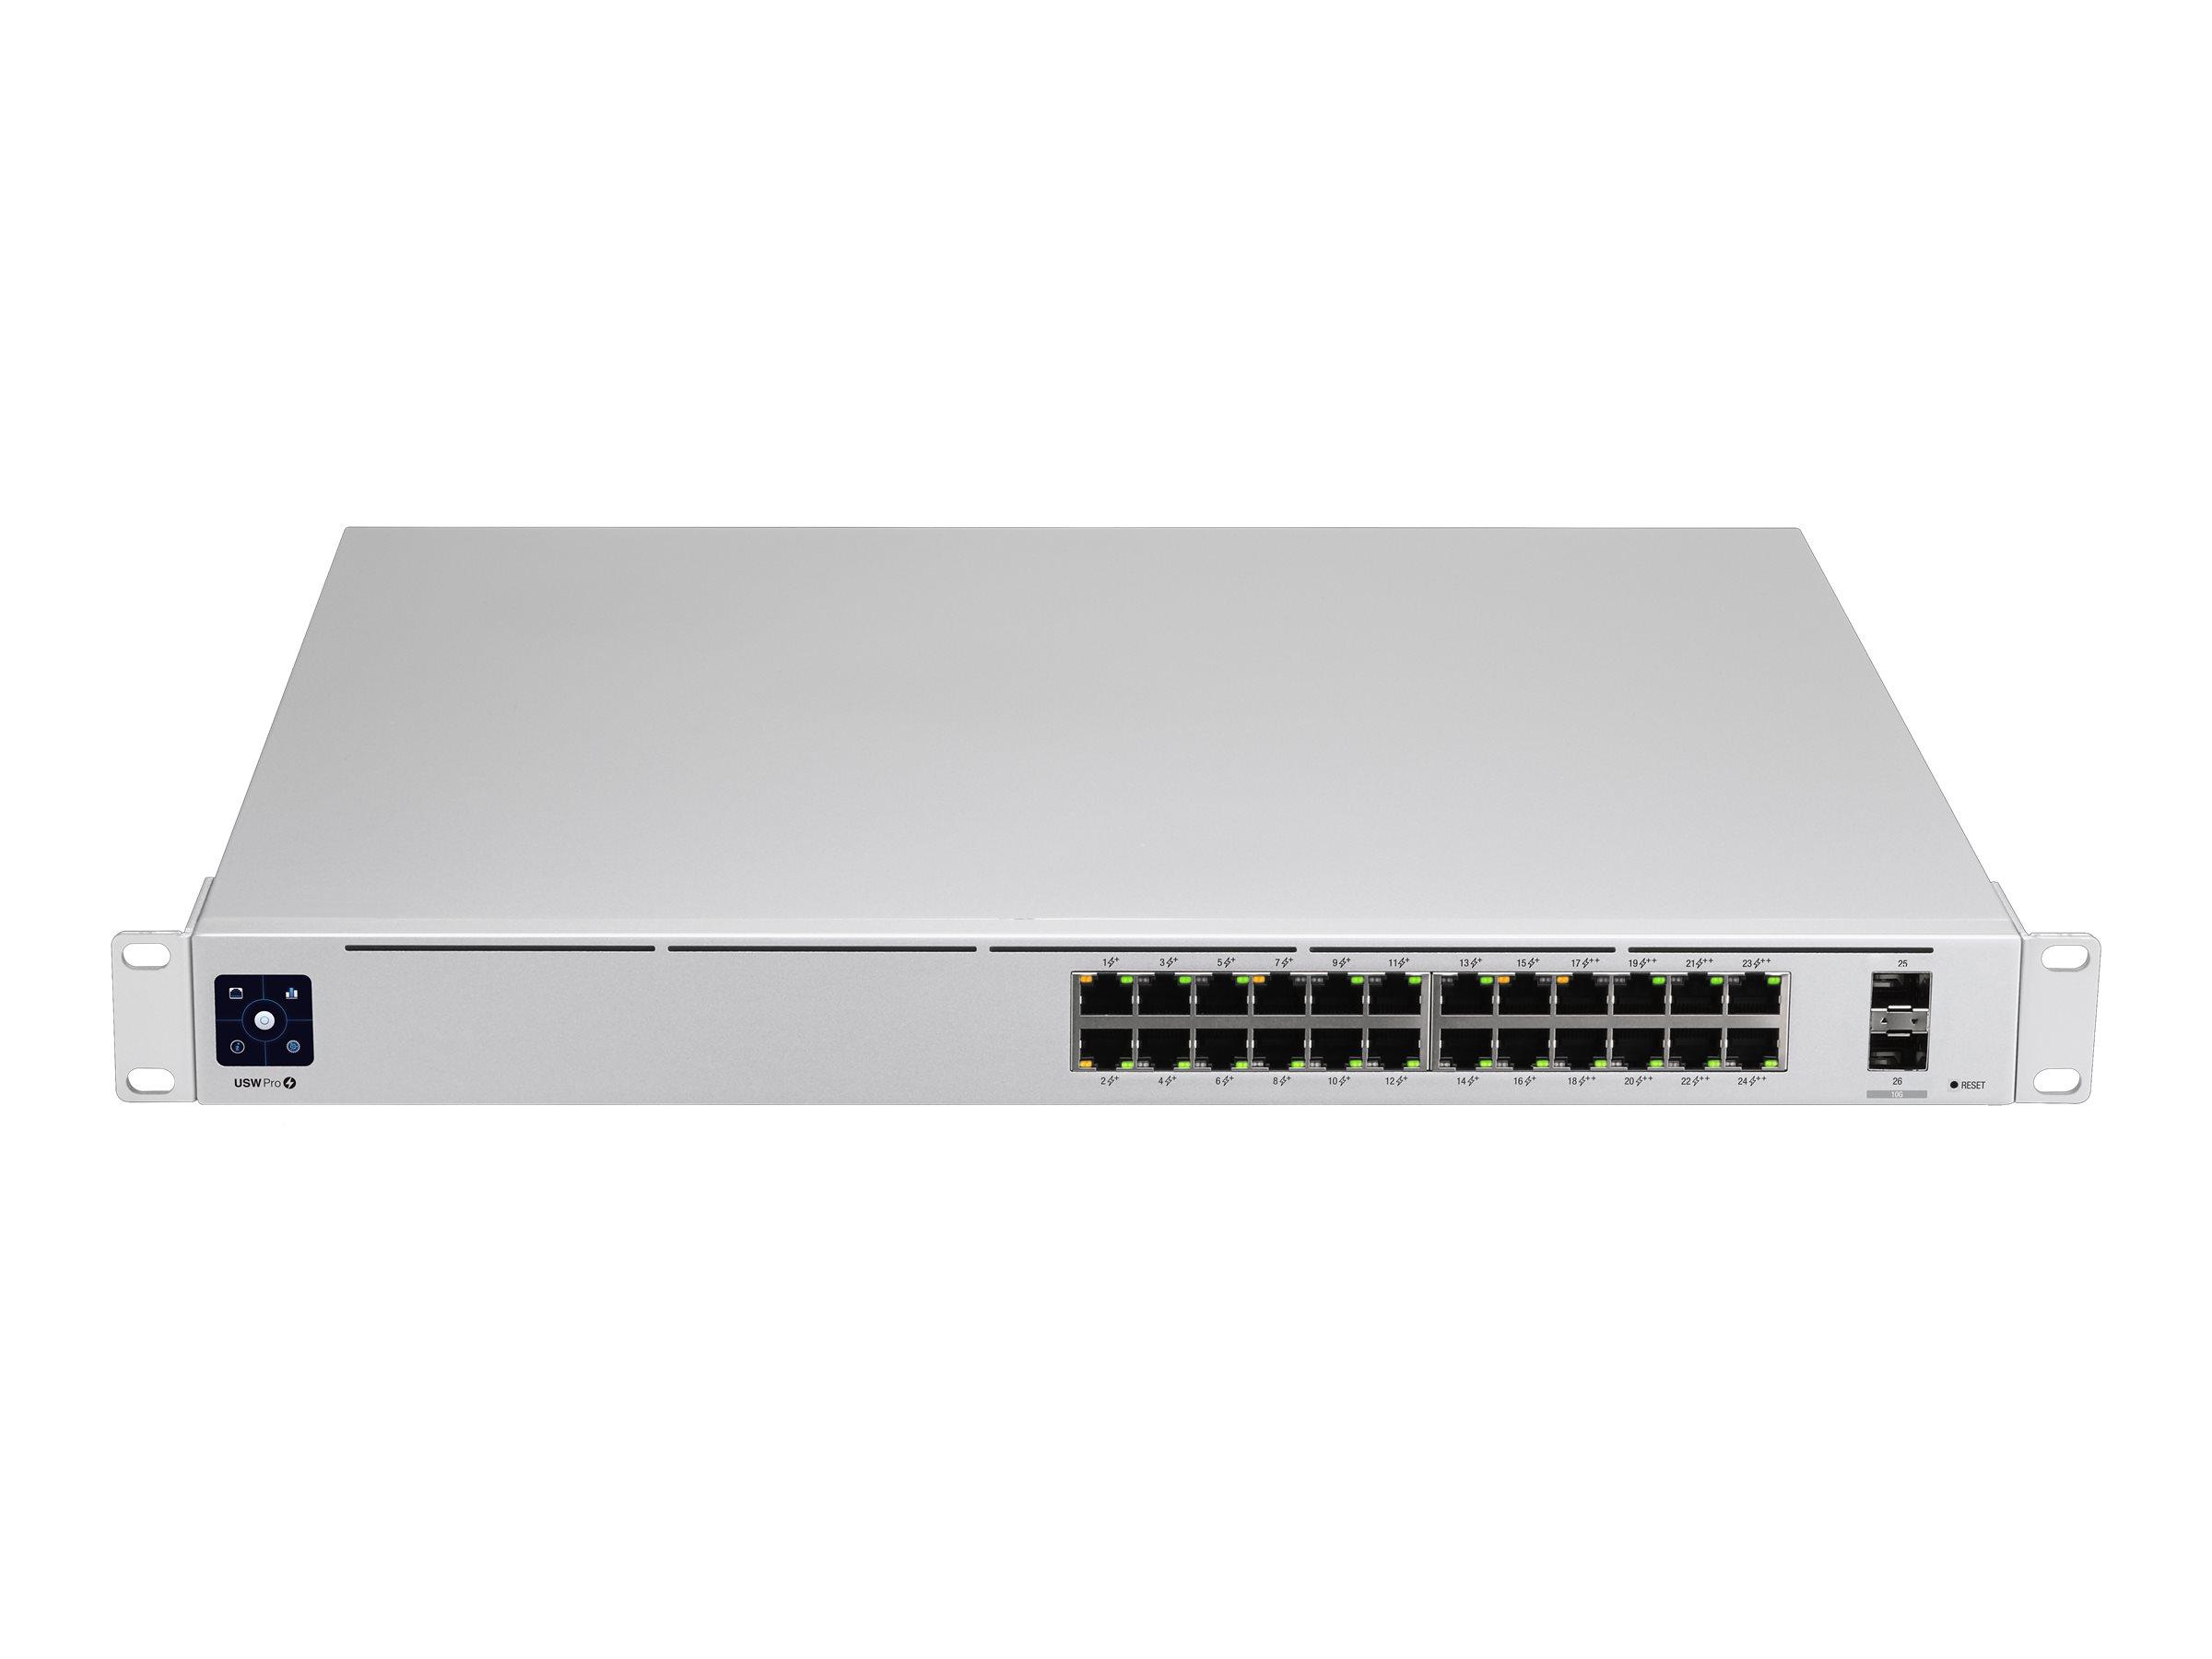 Ubiquiti UniFi Switch USW-Pro-24-POE - switch - 24 ports - managed - rack-mountable